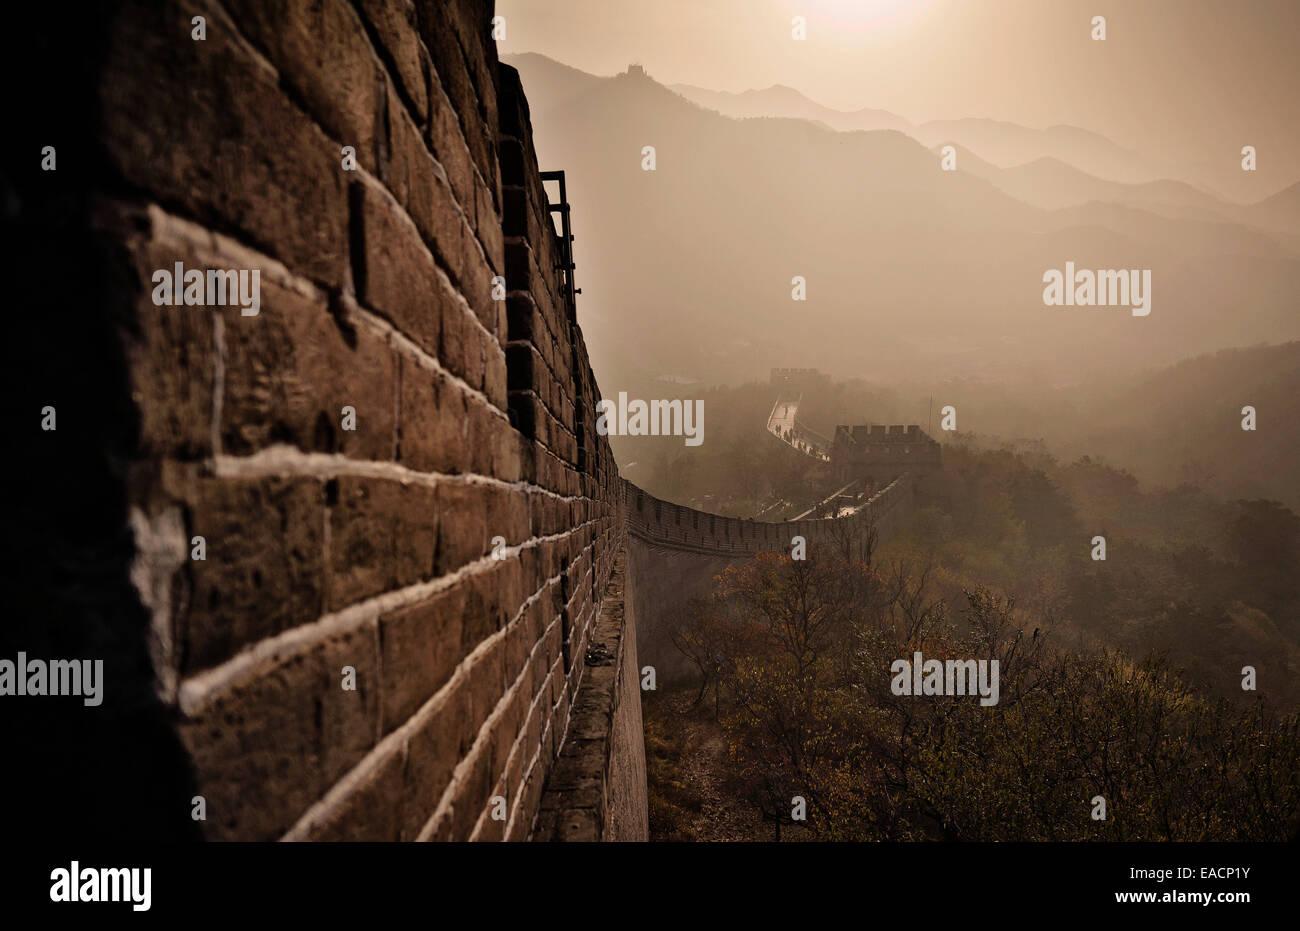 La Grande Muraglia della Cina sorge al tramonto sopra il paesaggio circostante coperto dallo smog presso Badaling, Immagini Stock